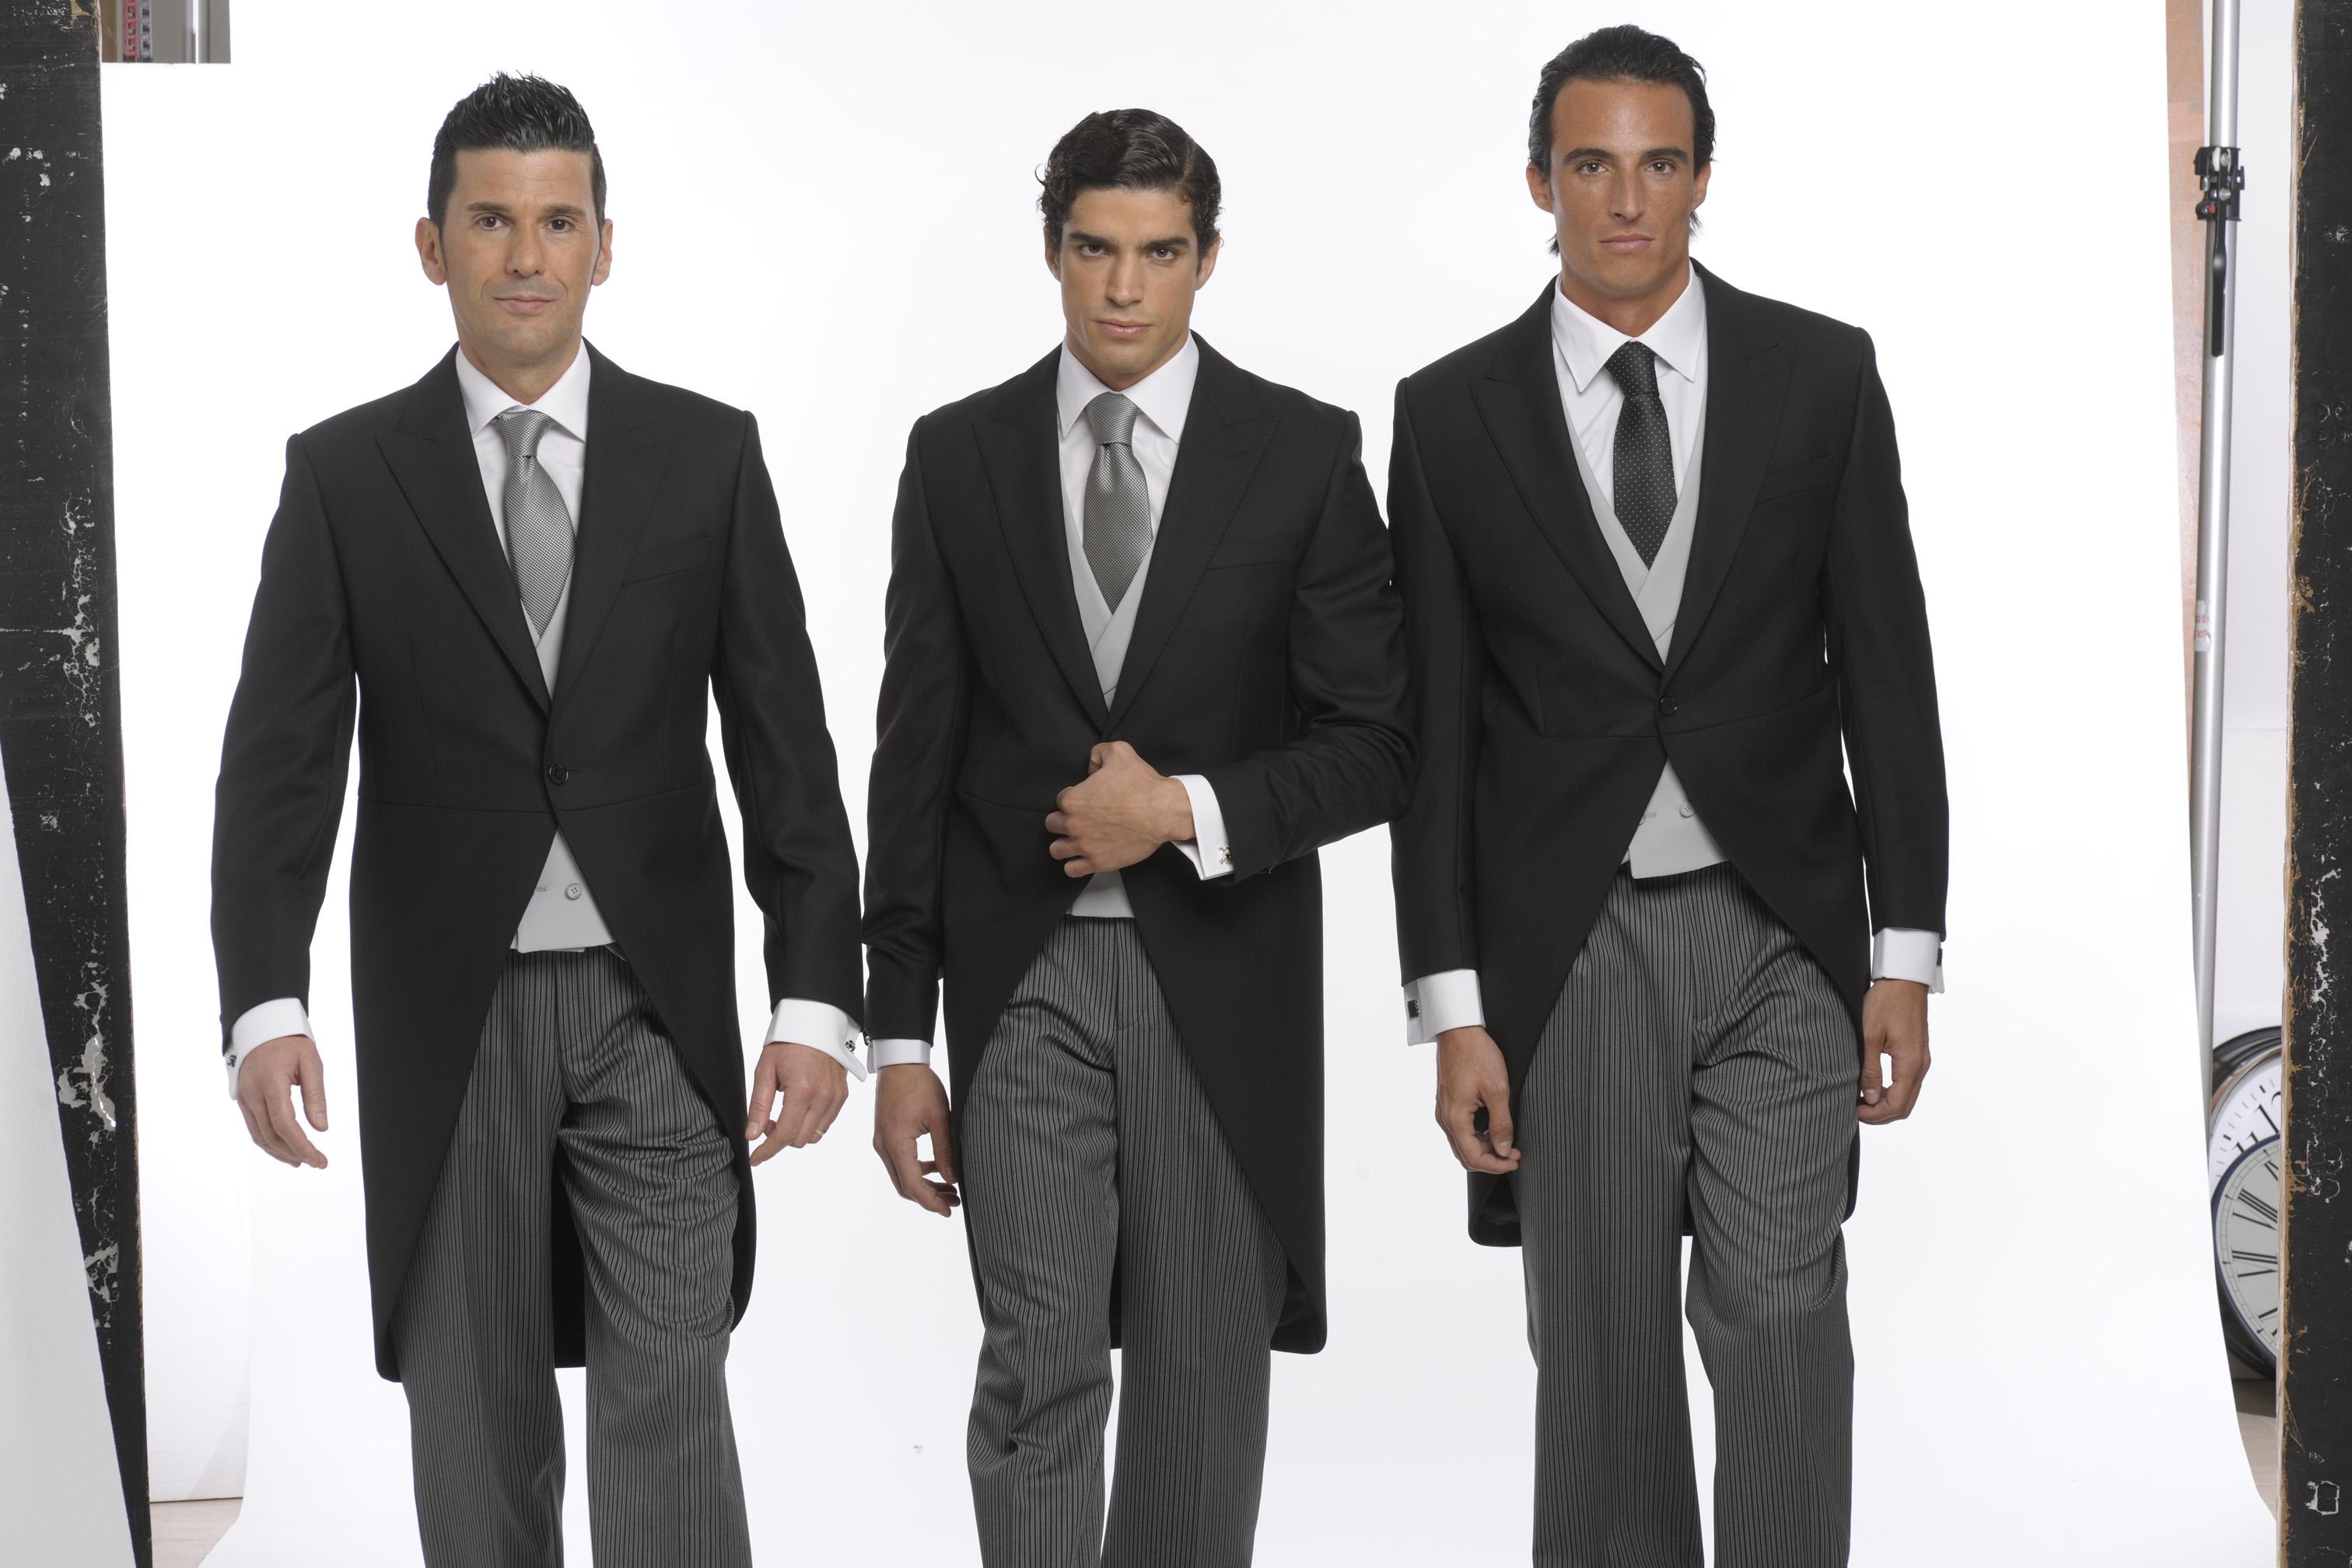 tres modelos vestidos de chaqué clásico